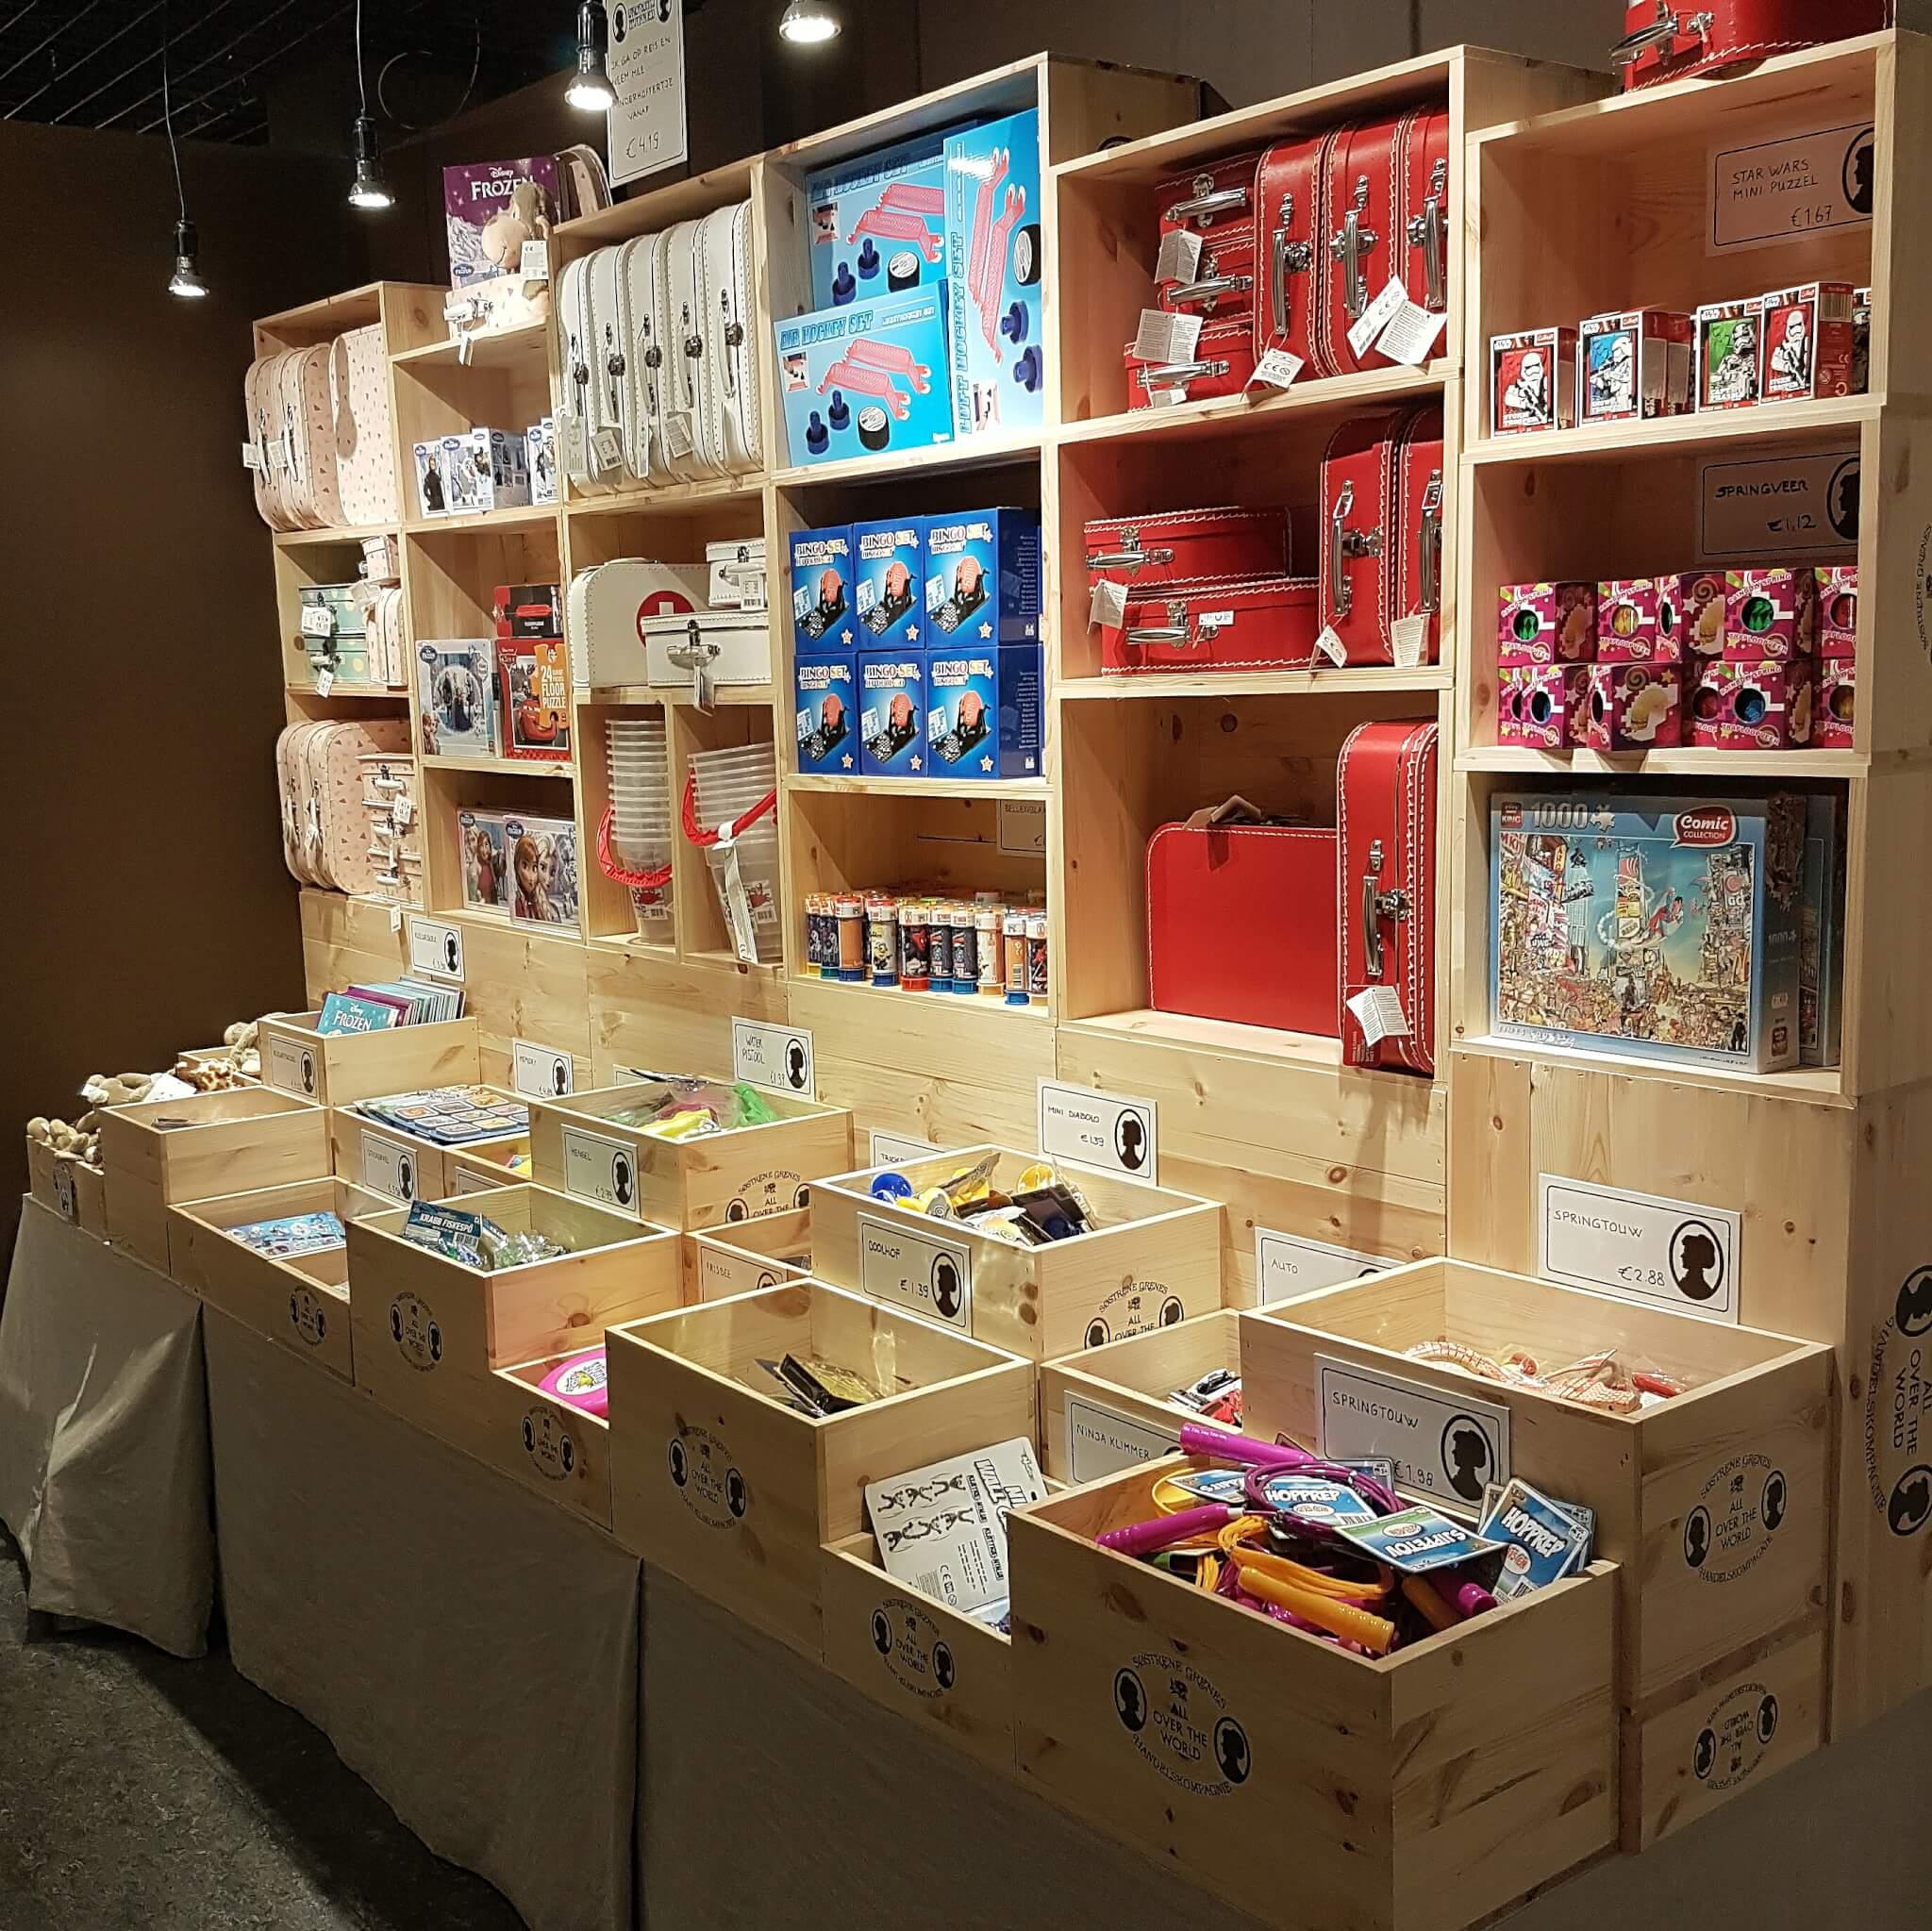 Keukenspullen Winkel Amsterdam : GRENE: betaalbare Scandinavische winkel vol met hippe hebbedingetjes